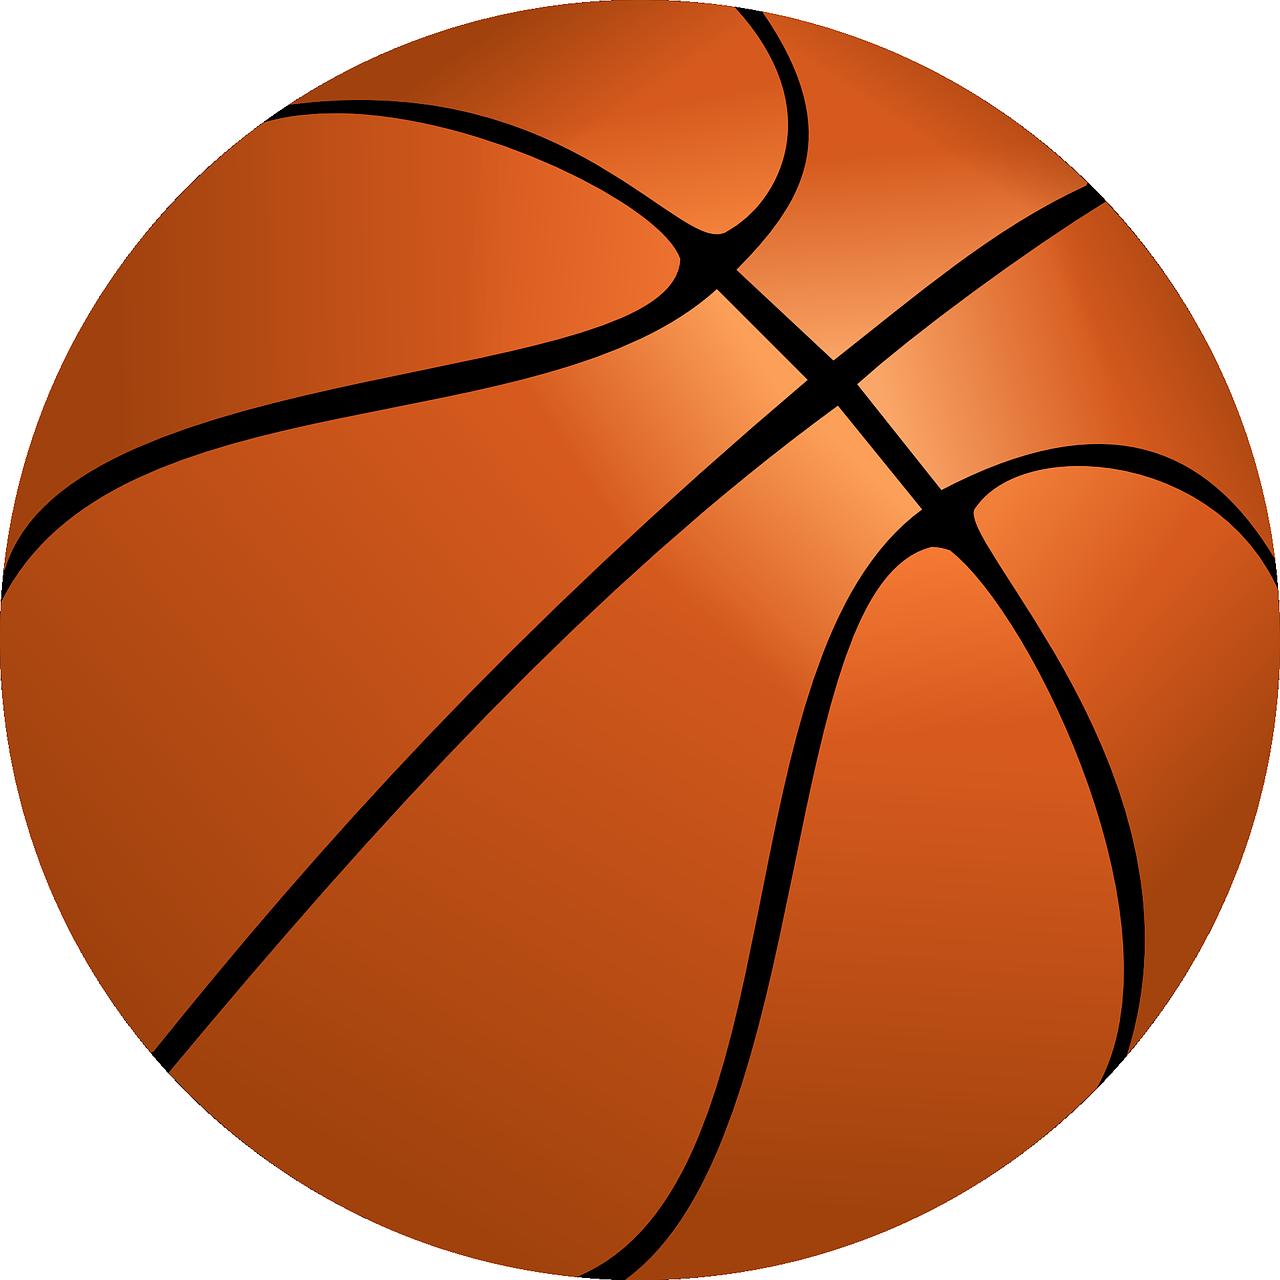 WSOC Ball